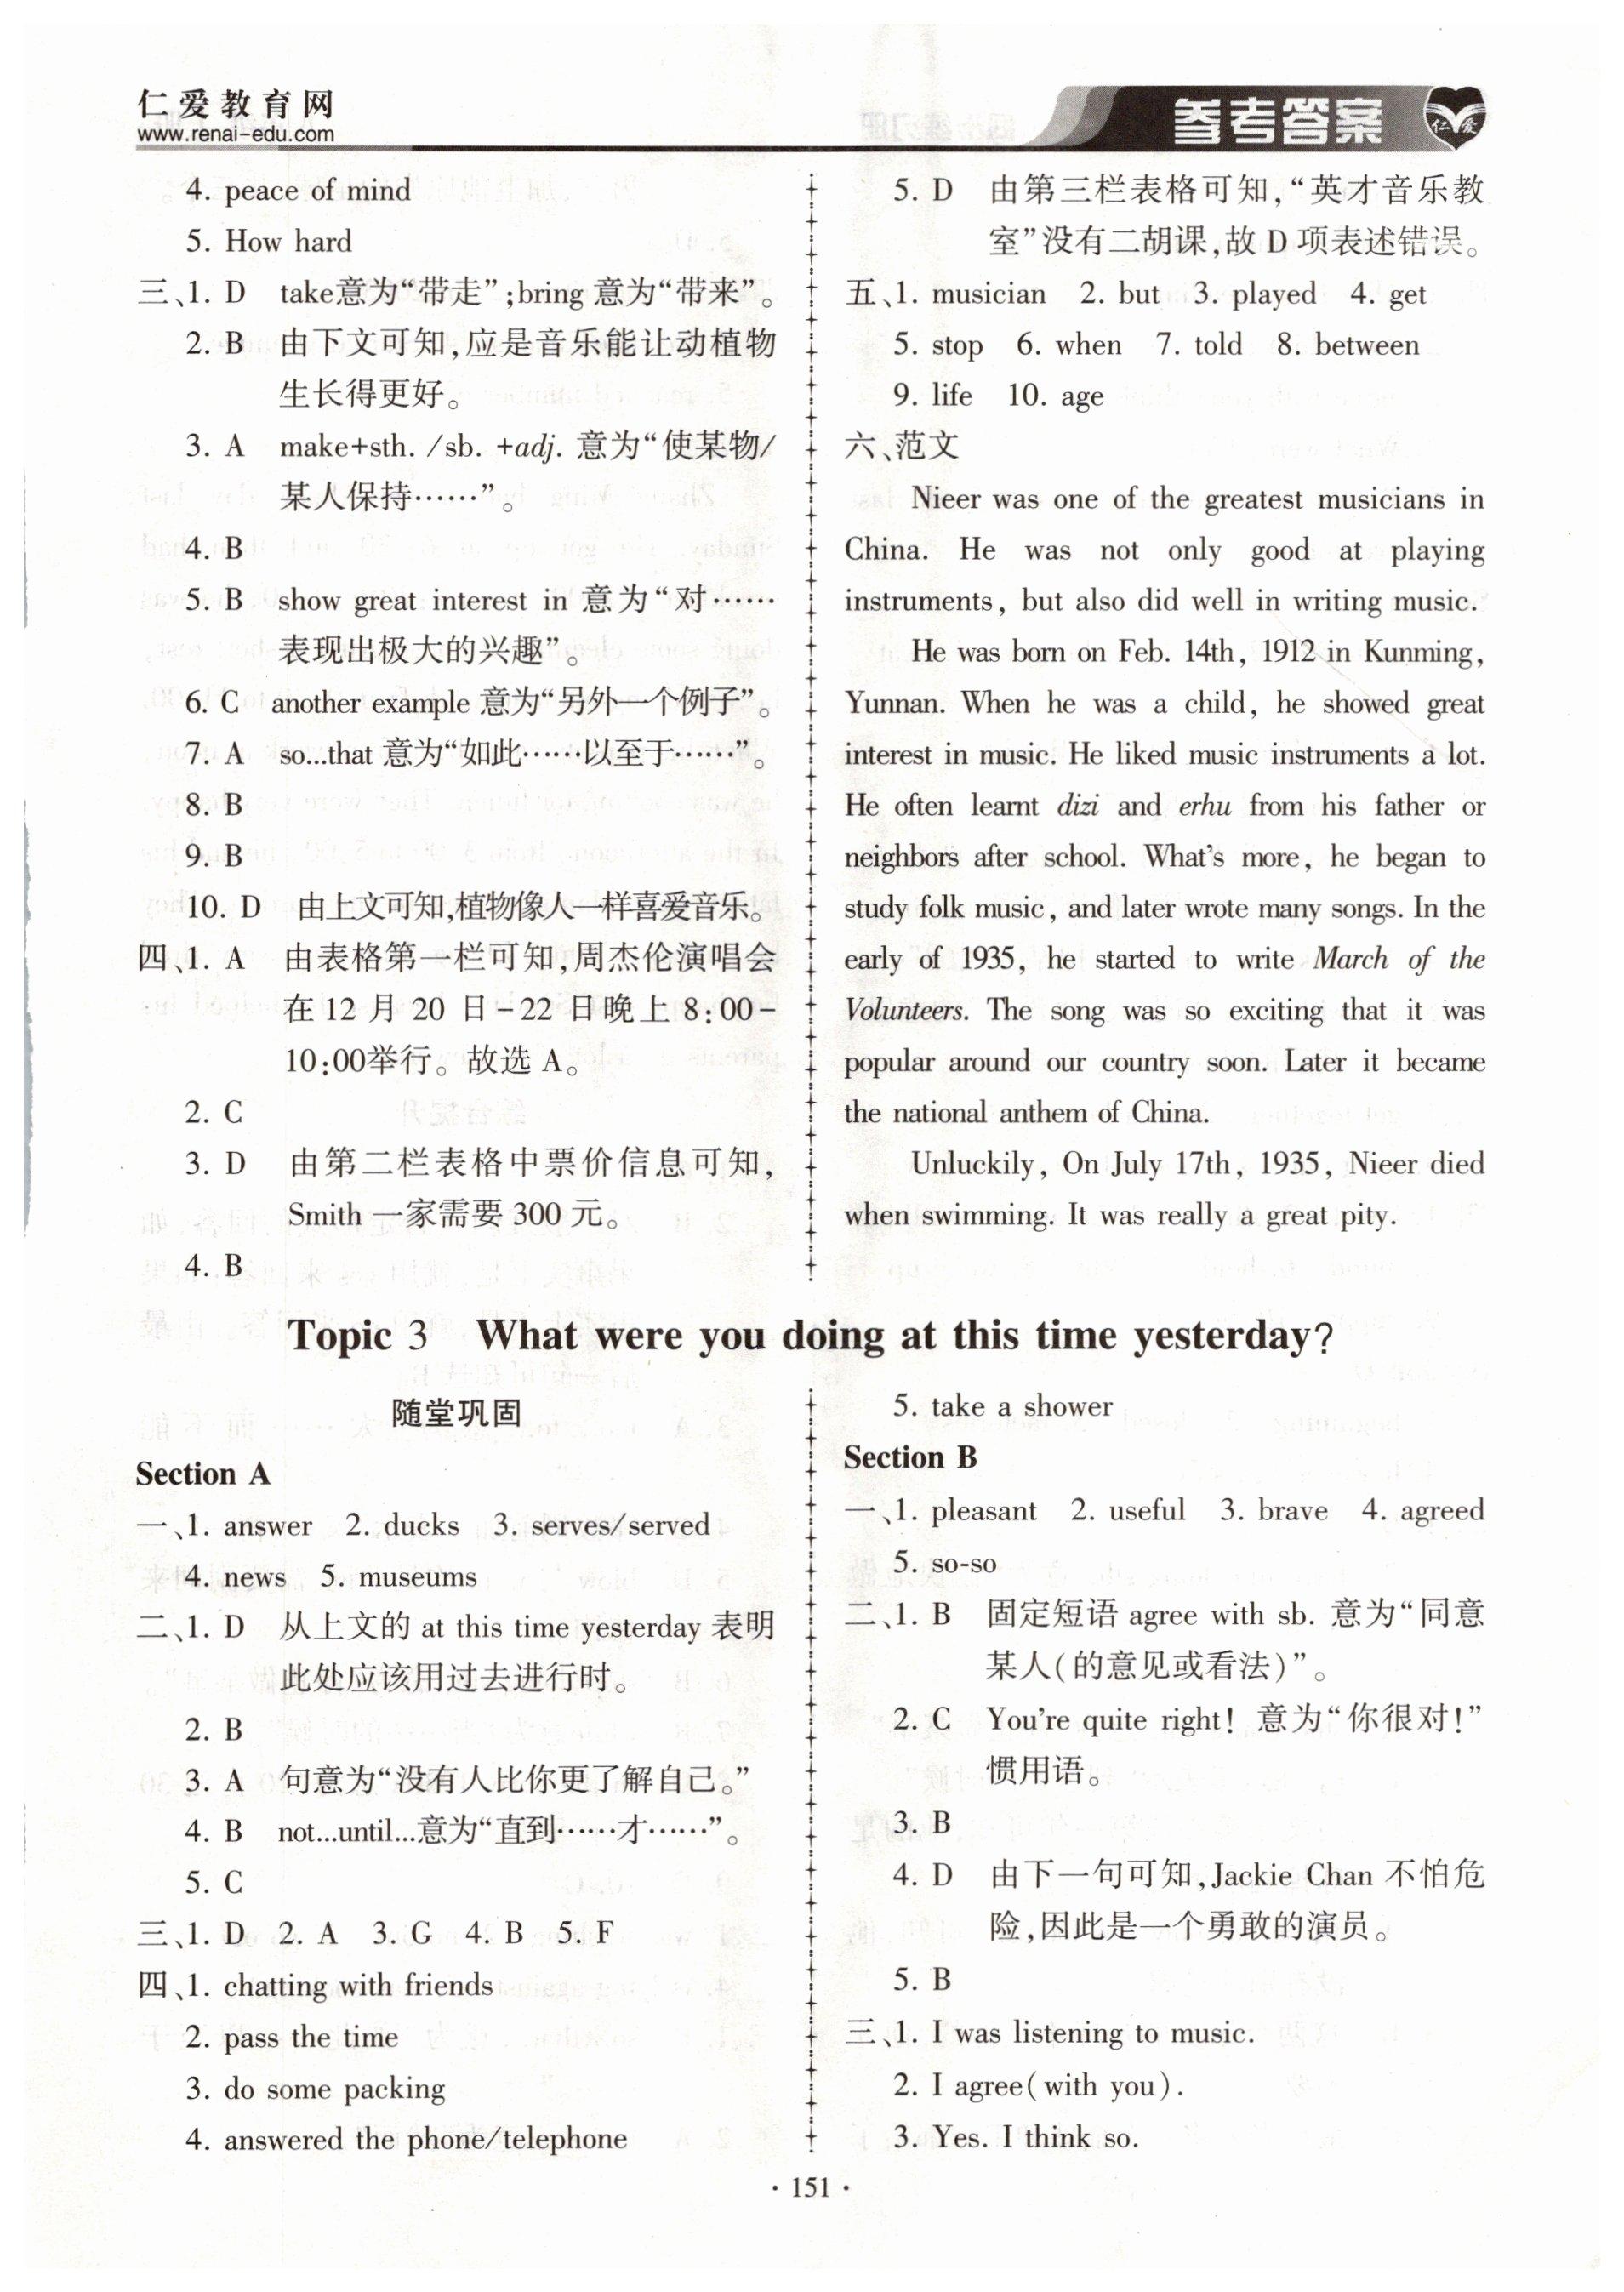 2018年仁爱英语同步练习册八年级上册仁爱版第21页